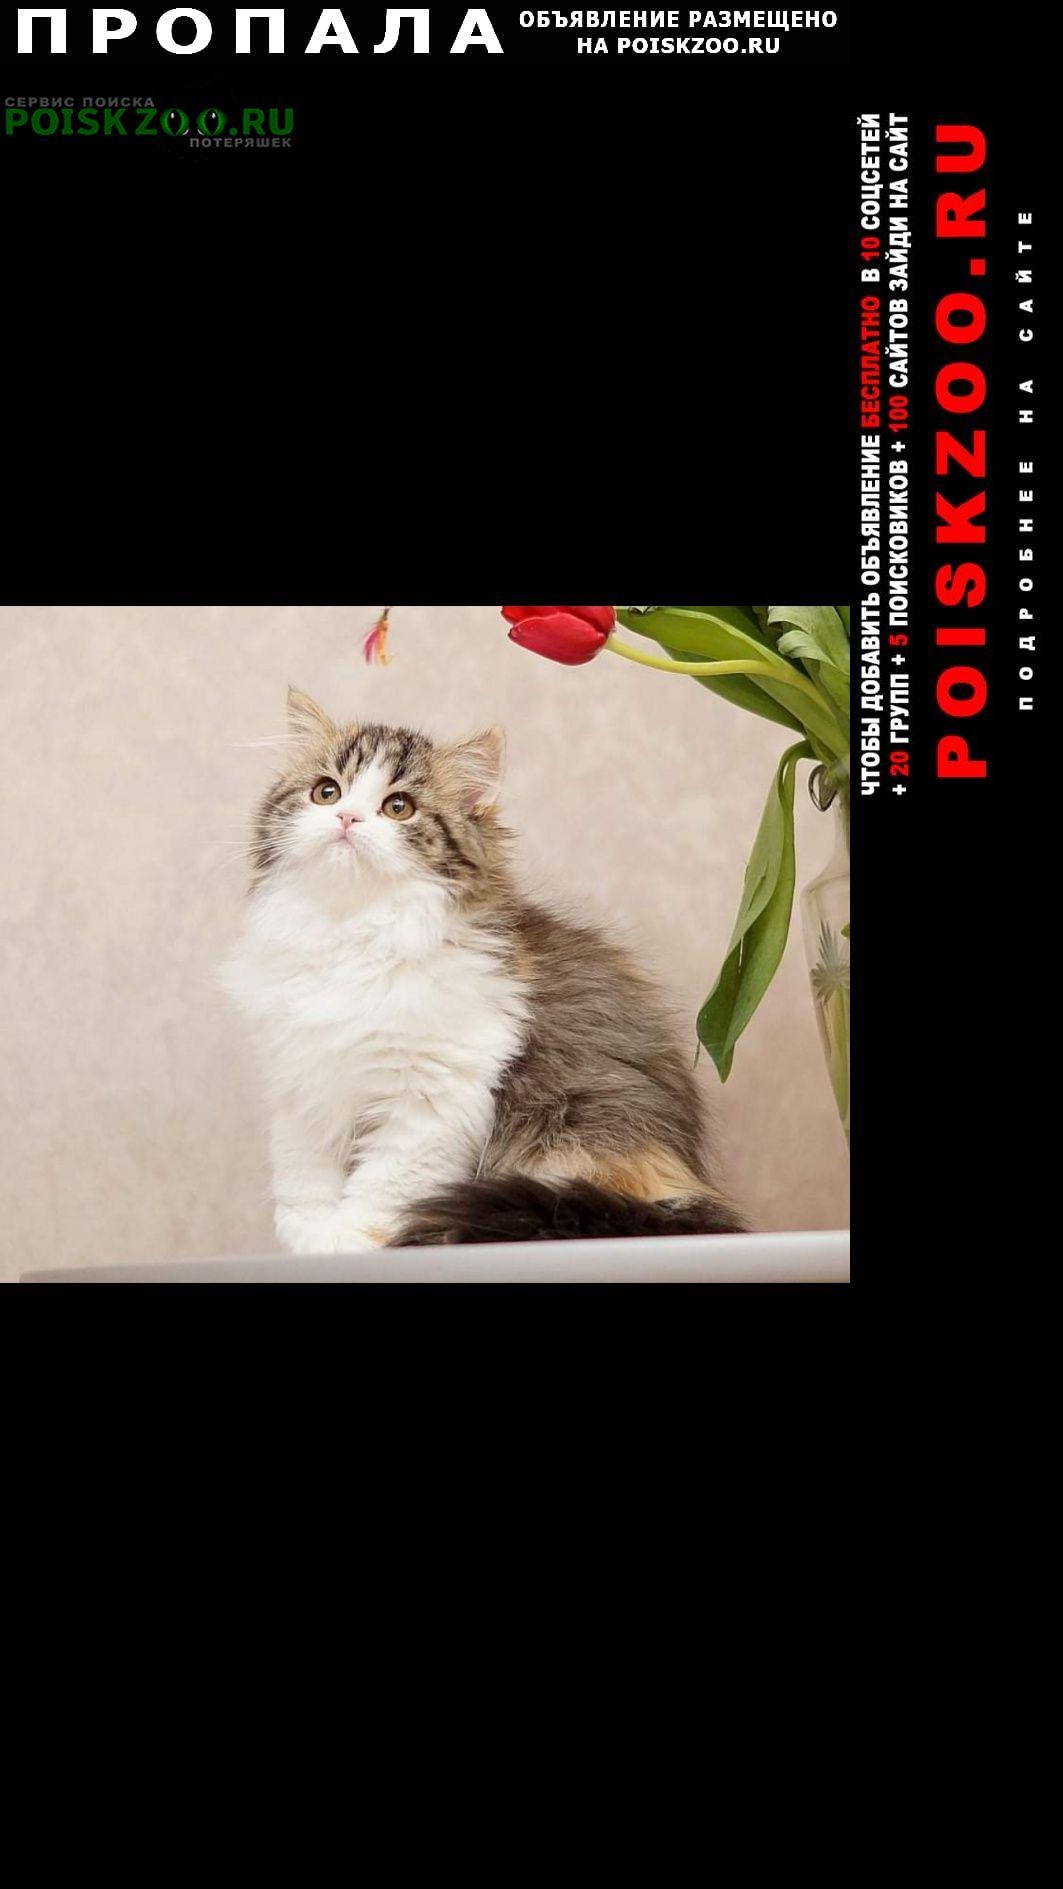 Пропала кошка возле посёлка химинститута д. 8 Тверь